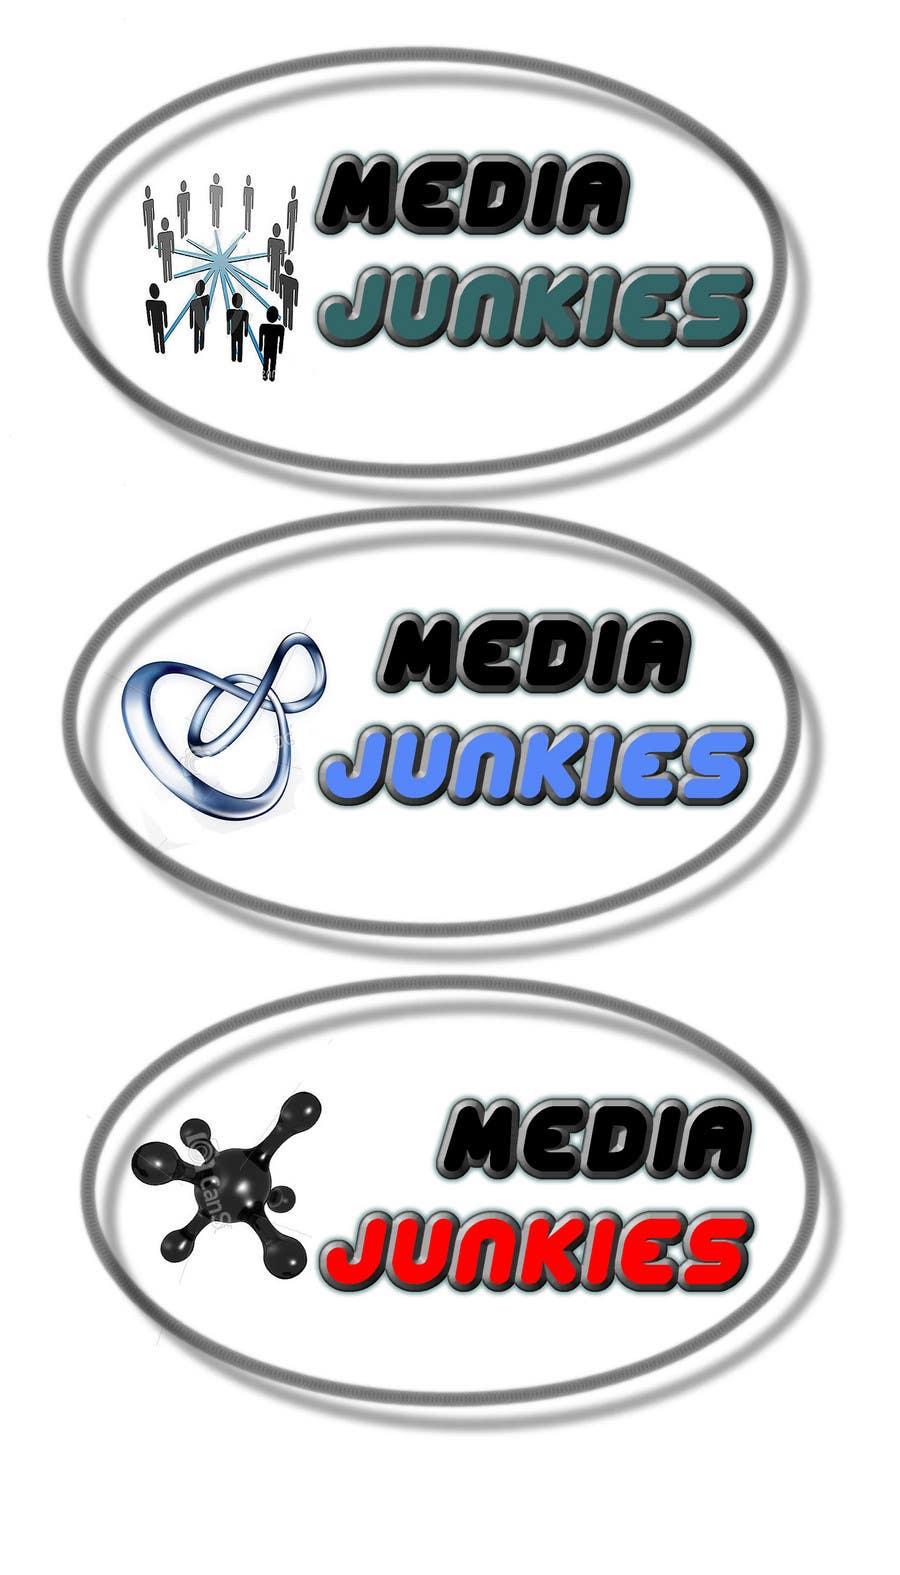 Inscrição nº                                         26                                      do Concurso para                                         Logo Design for Media Junkies